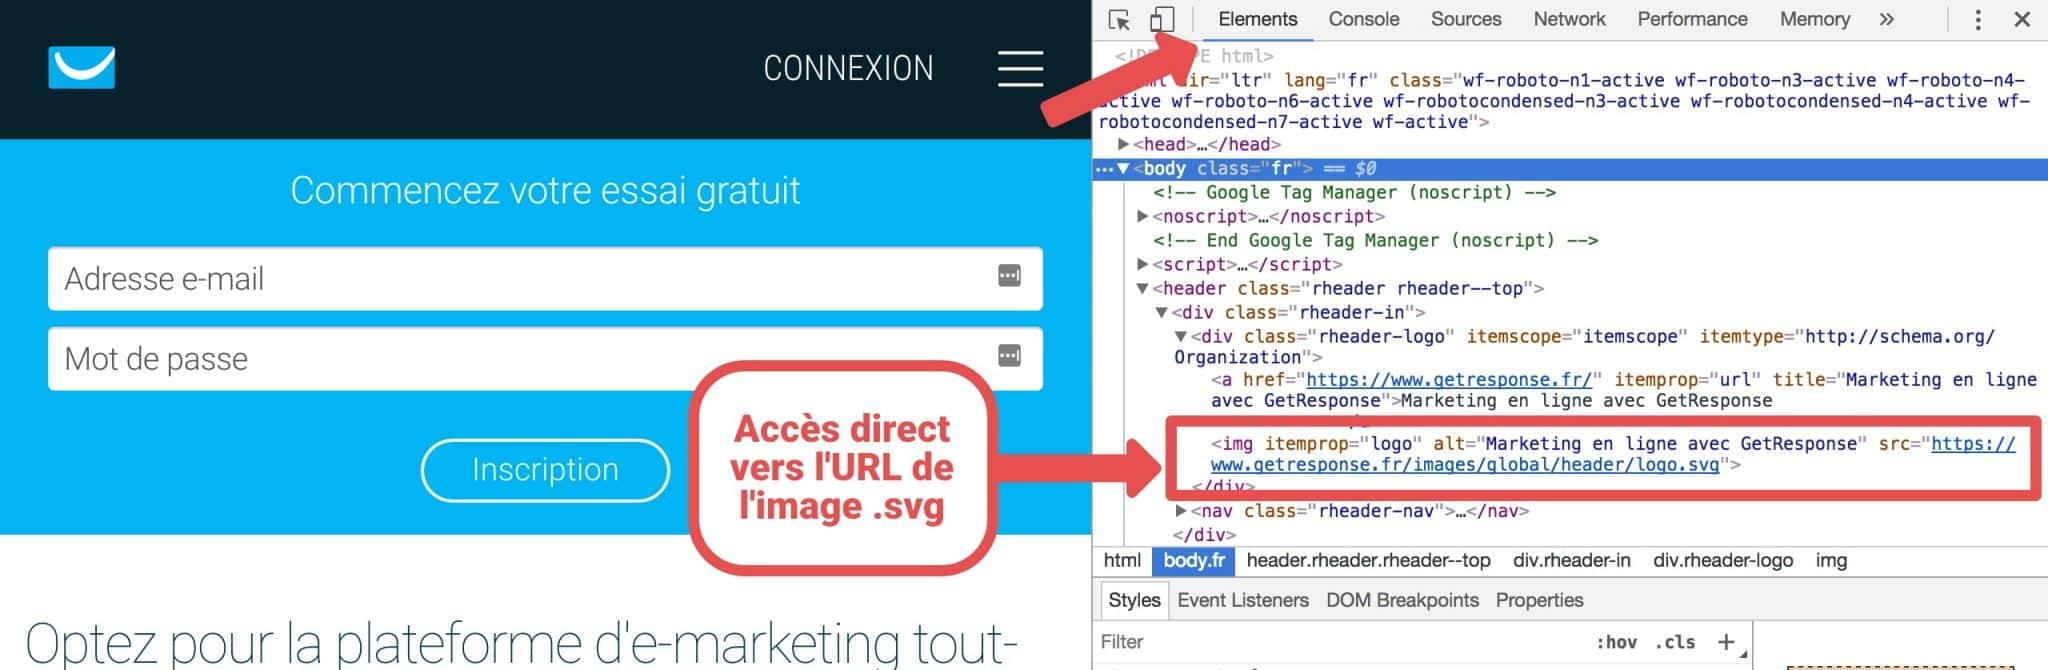 Visualisation du code source du site Get Response. Nous pouvons voir le tag <a></a> avec un lien vers le logo .svg